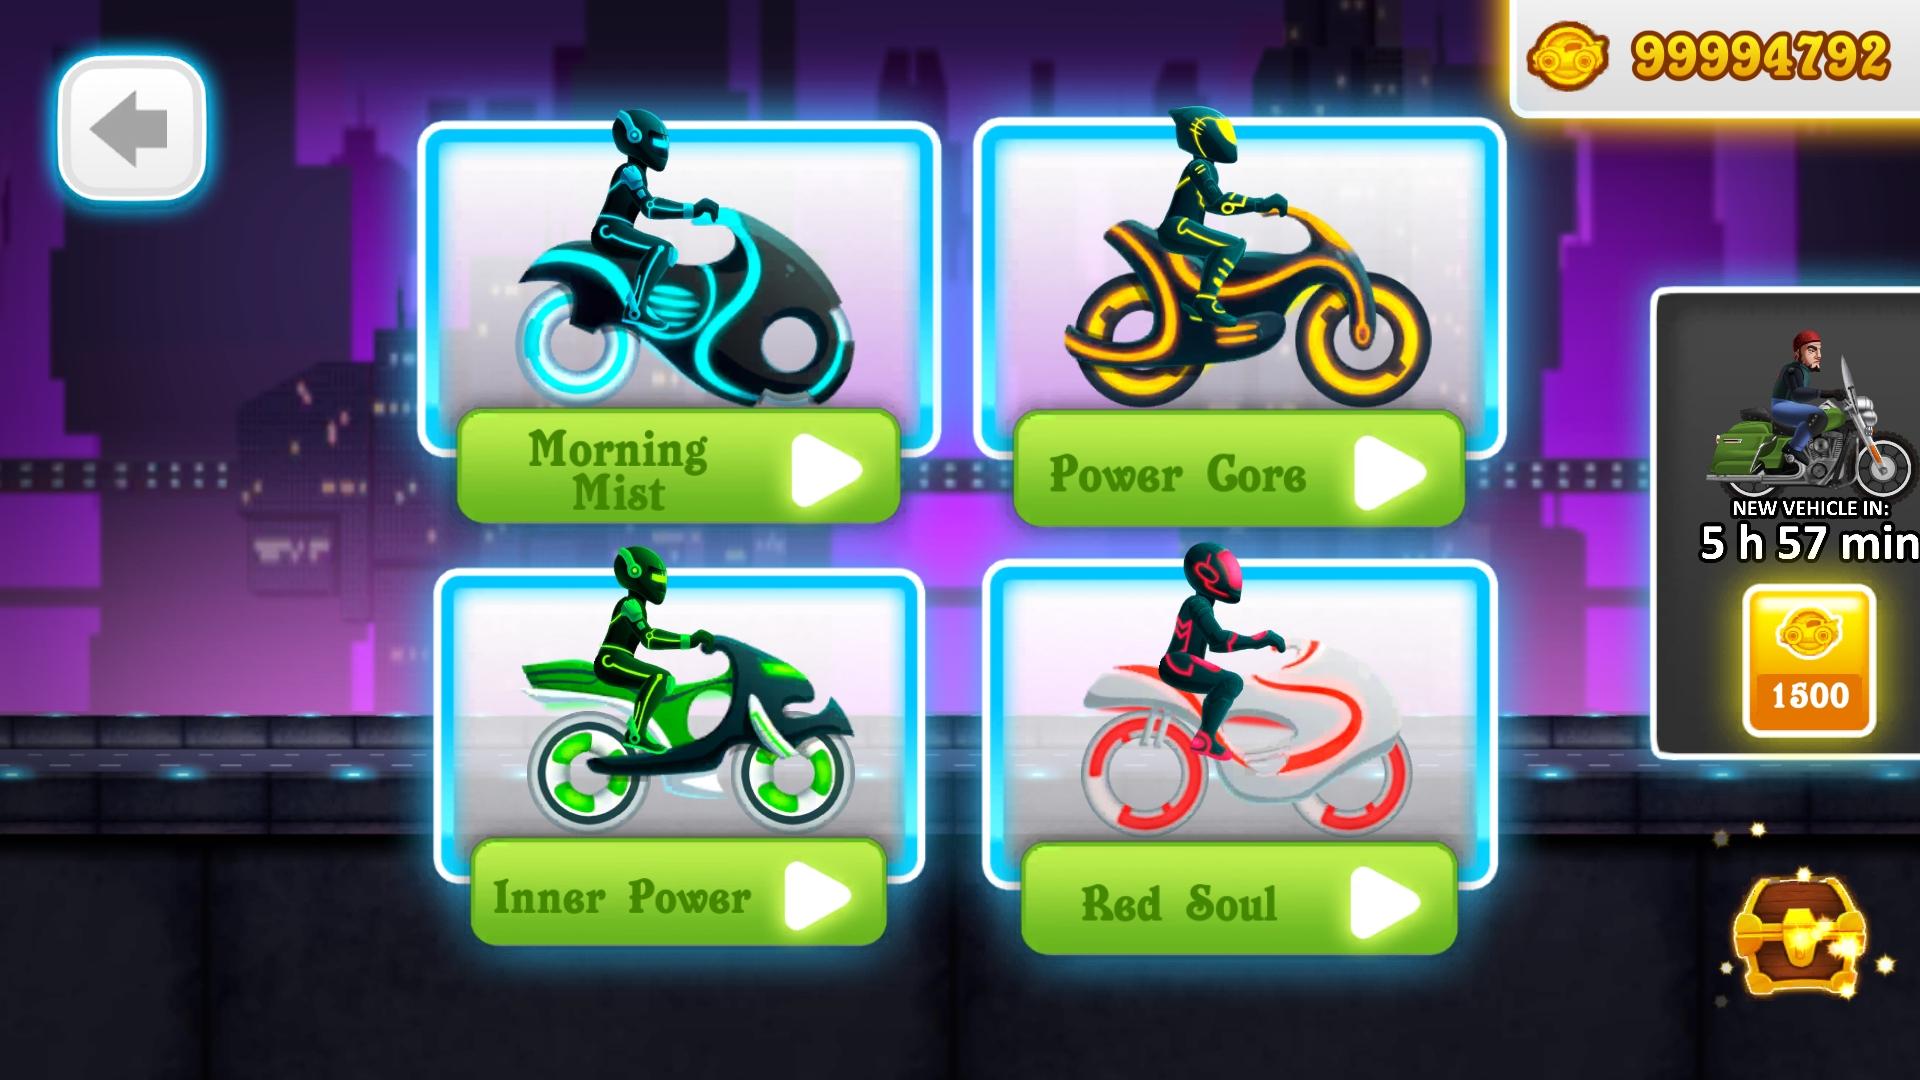 自行车比赛霓虹城的交通骑手游戏破解版下载|自行车城